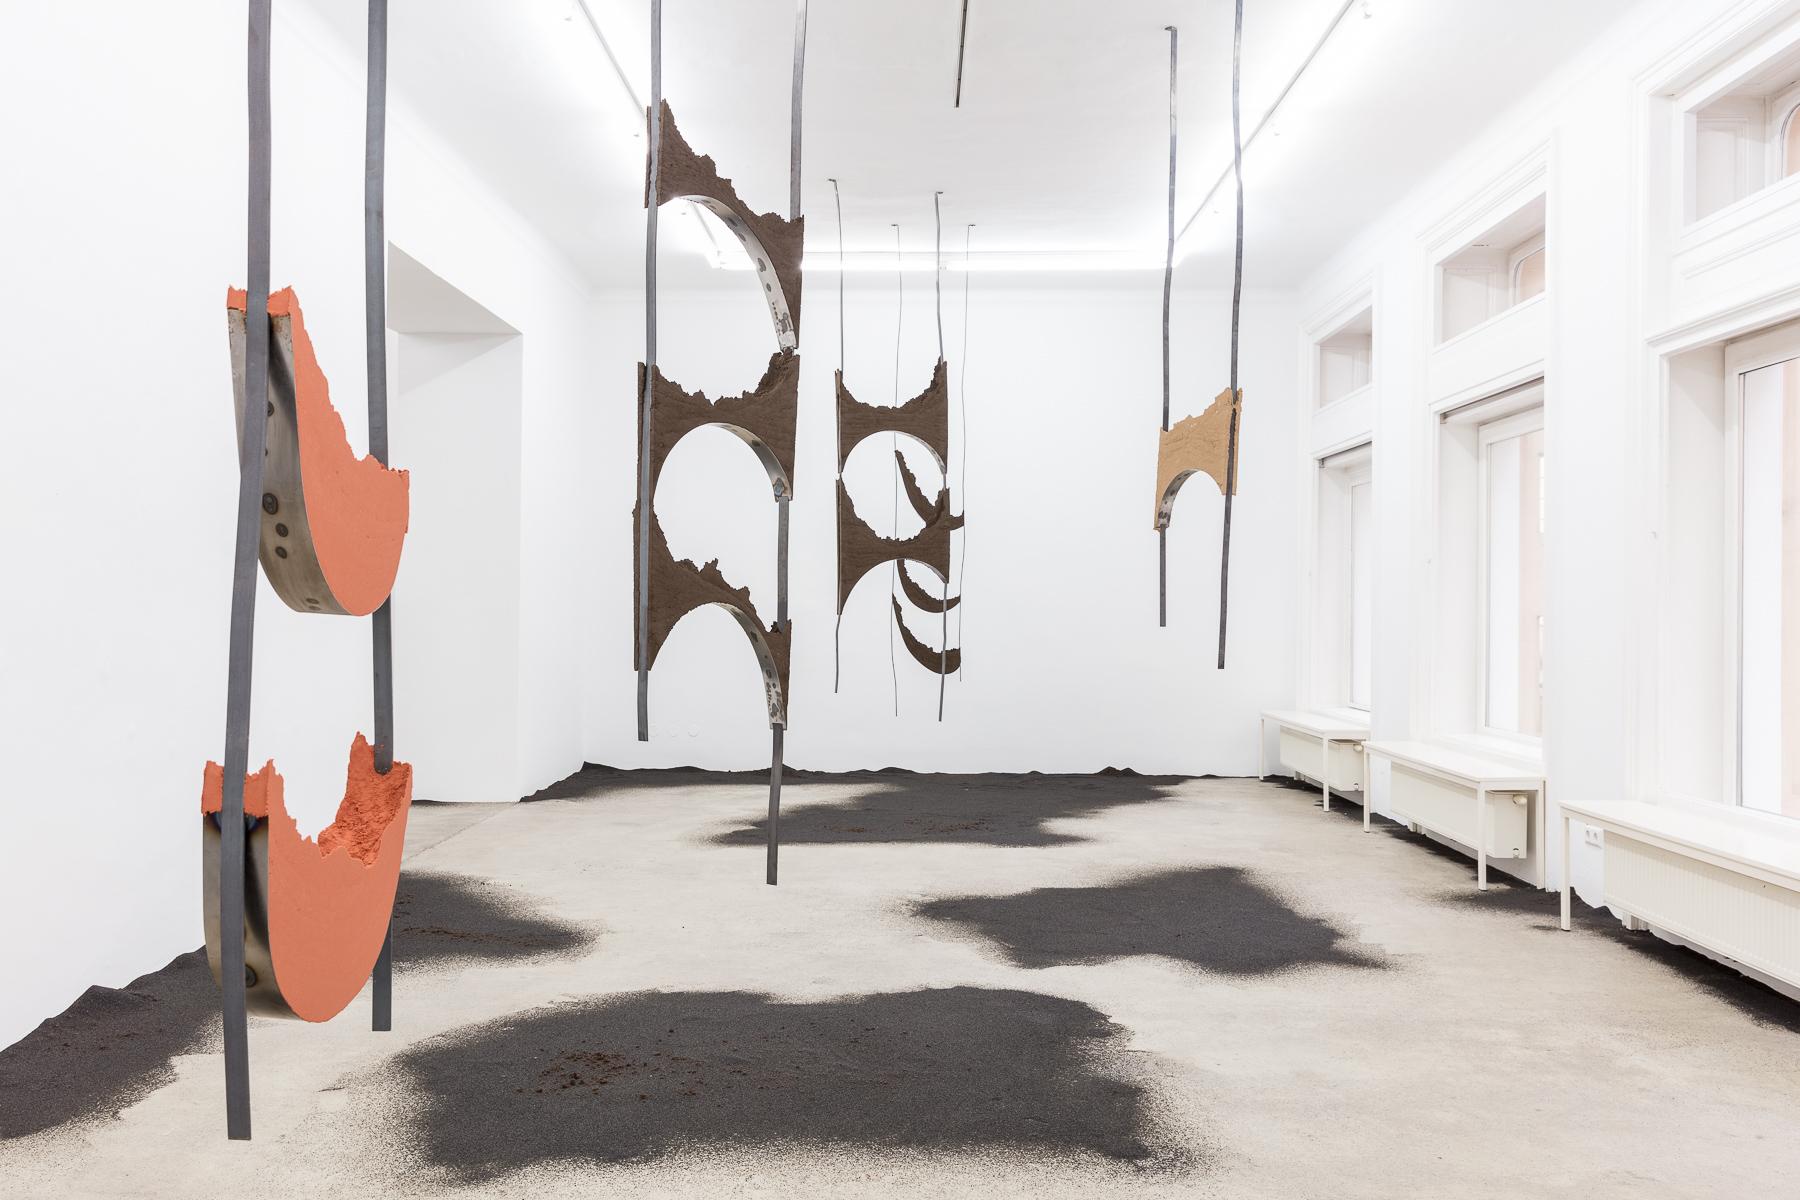 Angelika Loderer at Sophie Tappeiner Gallery_by Kunst-Dokumentation.com_003_web.jpg